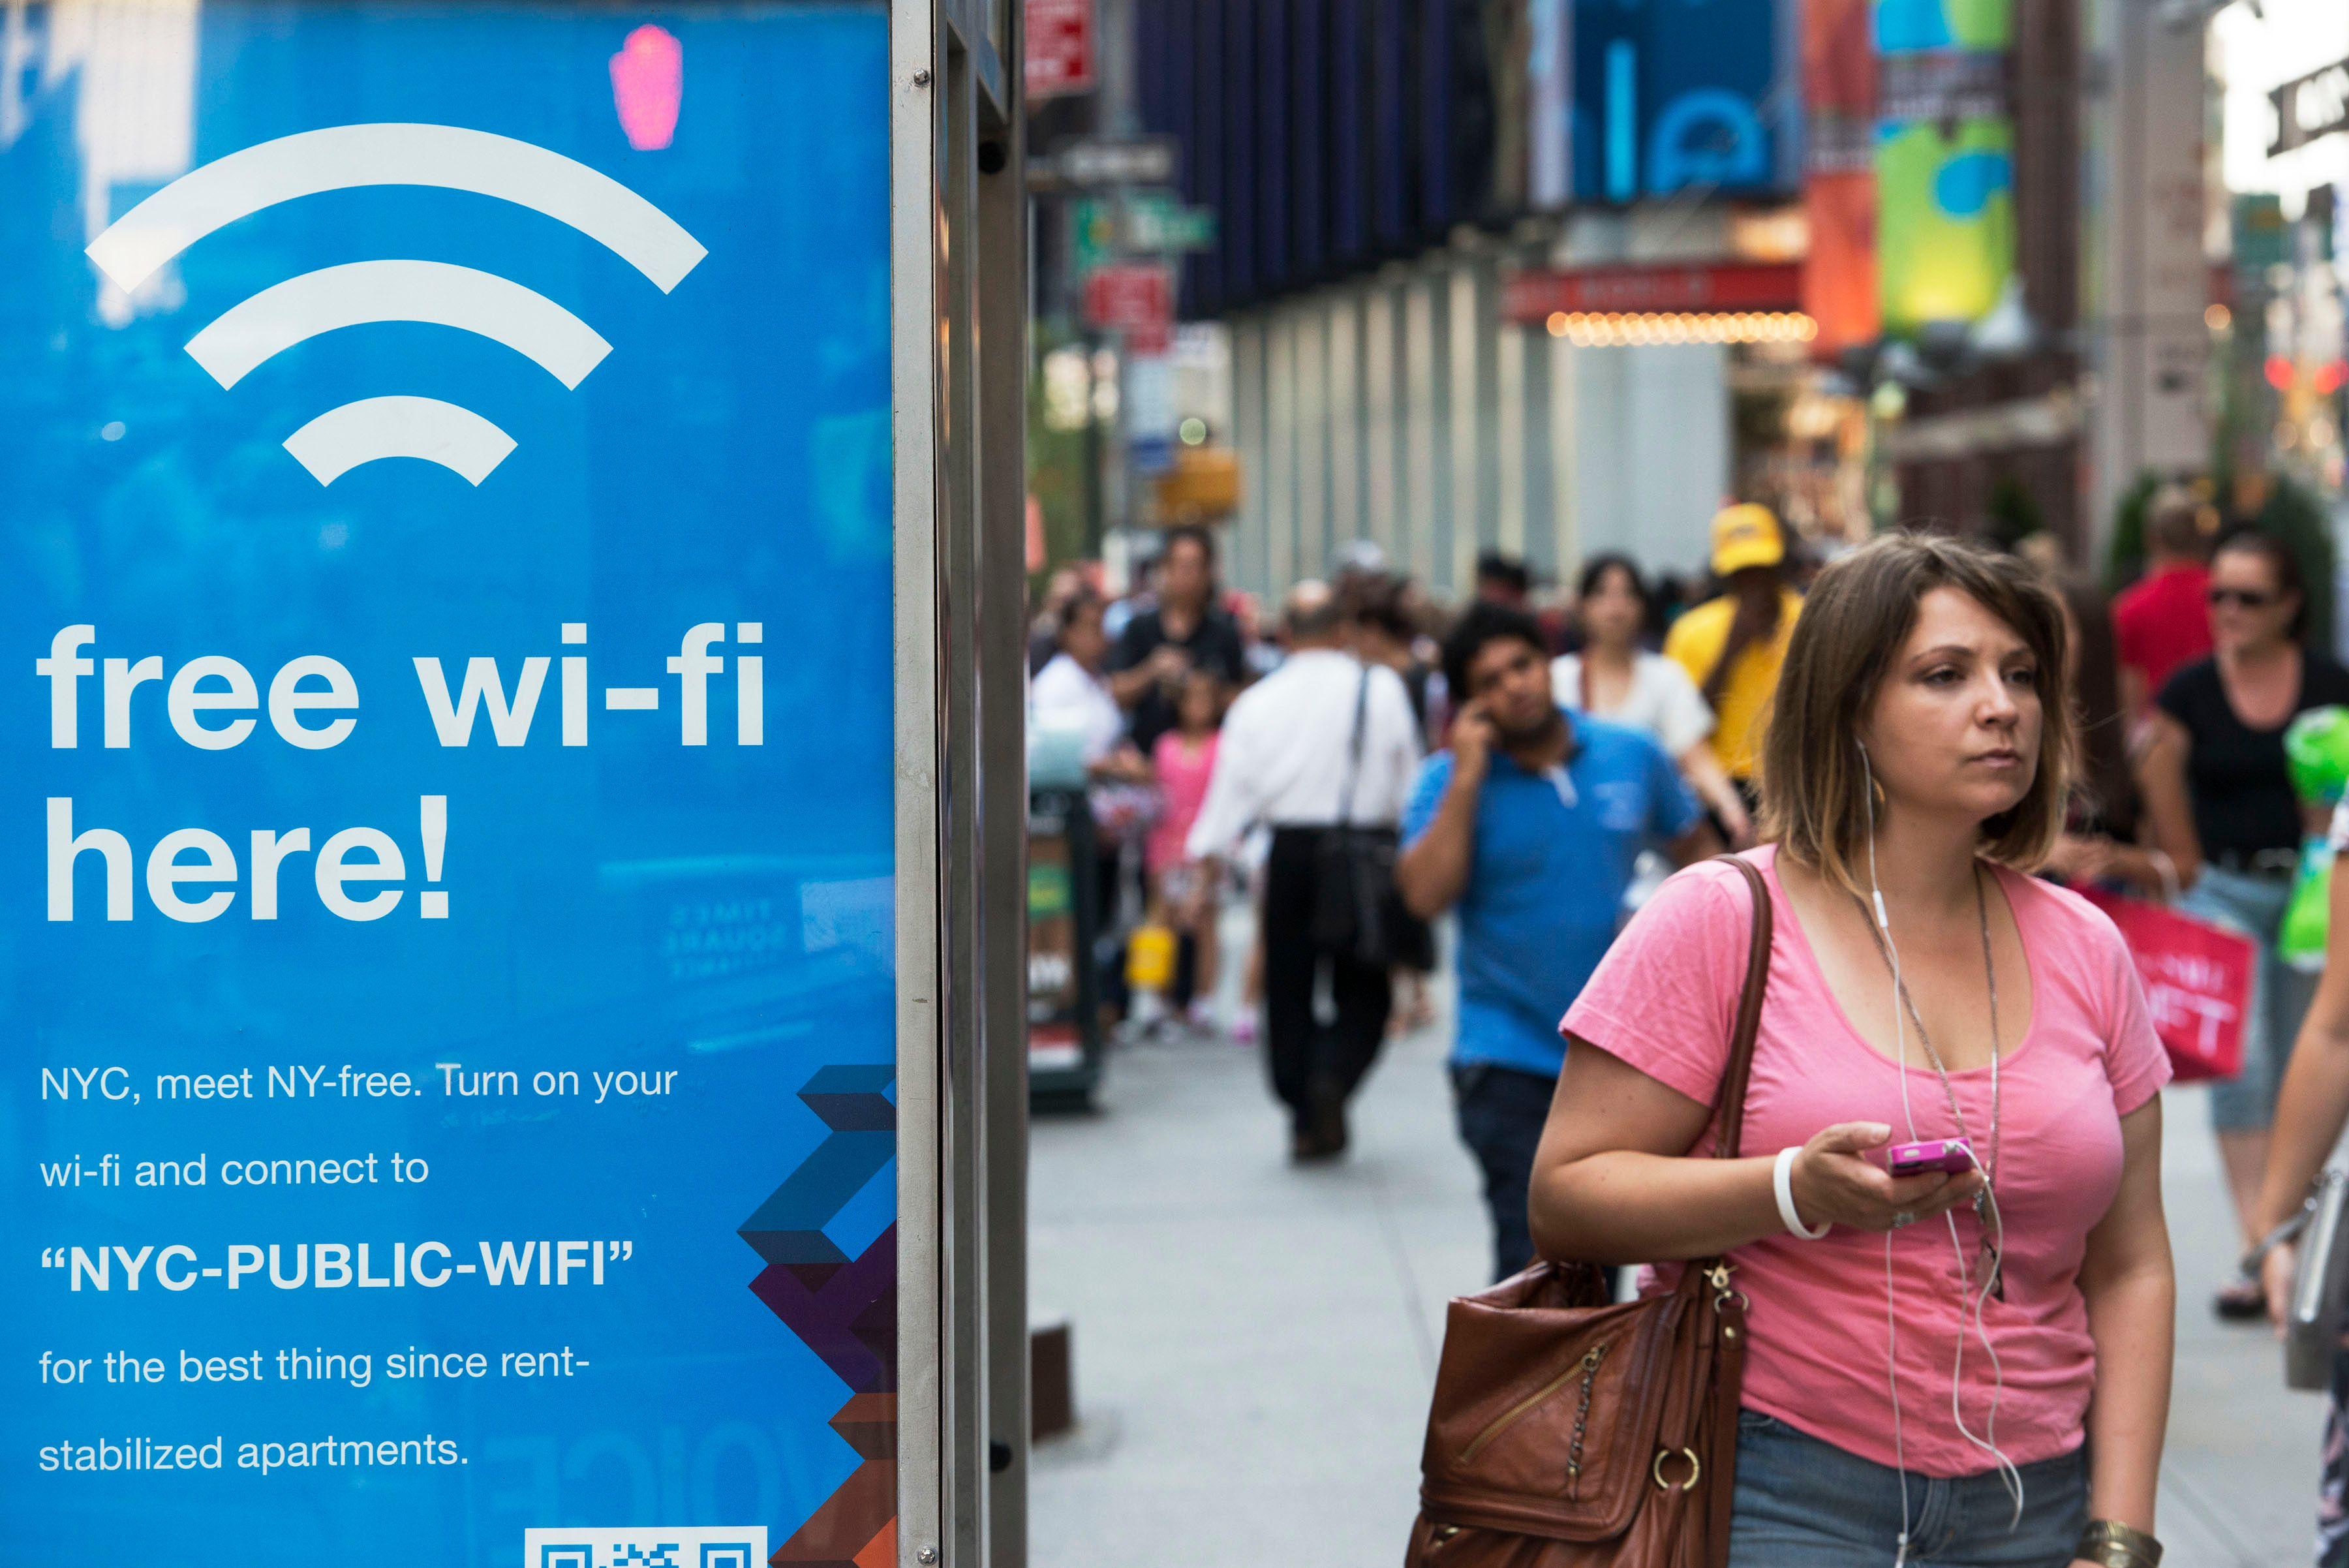 Gare au Wifi gratuit : vos données confidentielles volées en quelques secondes